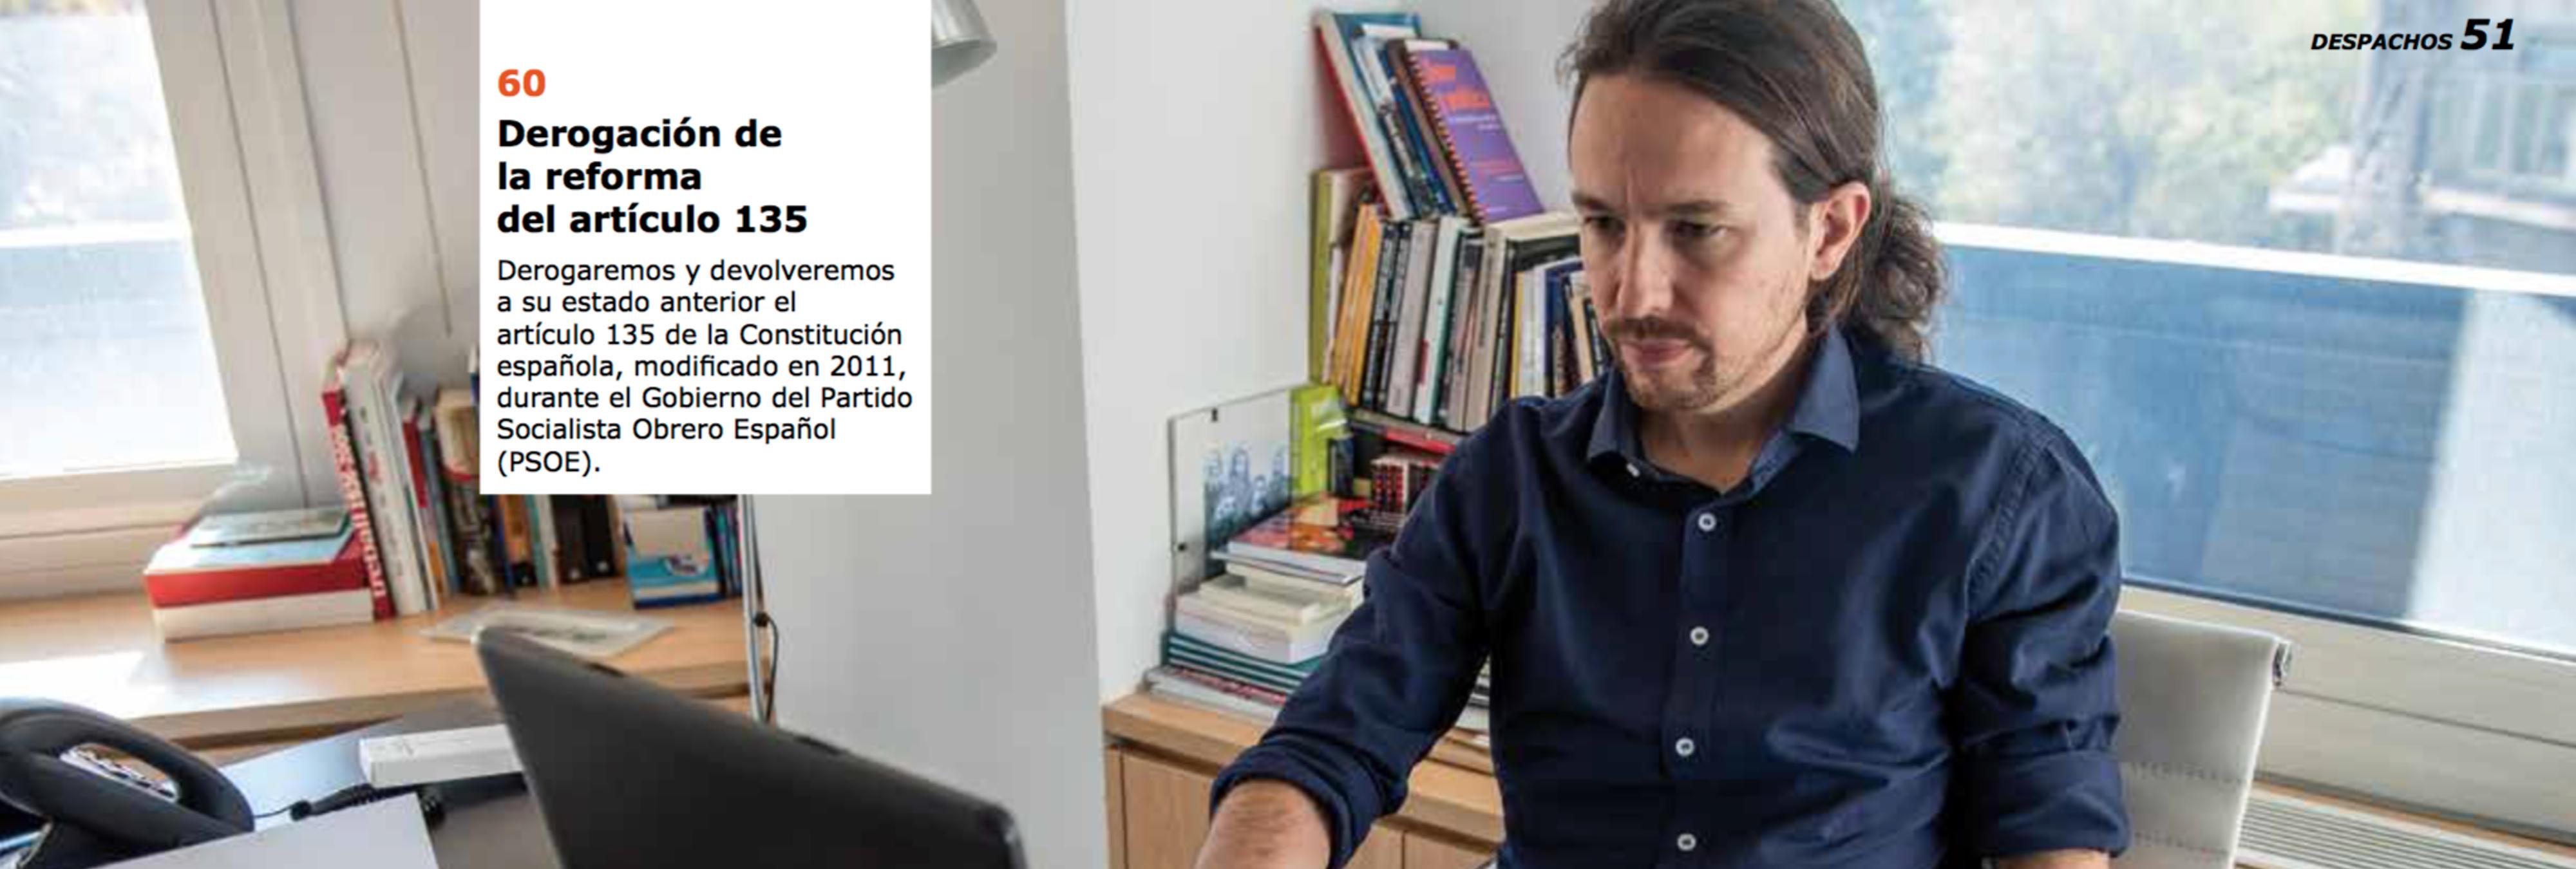 17 cosas del programa de Ikea de Podemos que son muy tróspidas para alguien que no ha entendido nada